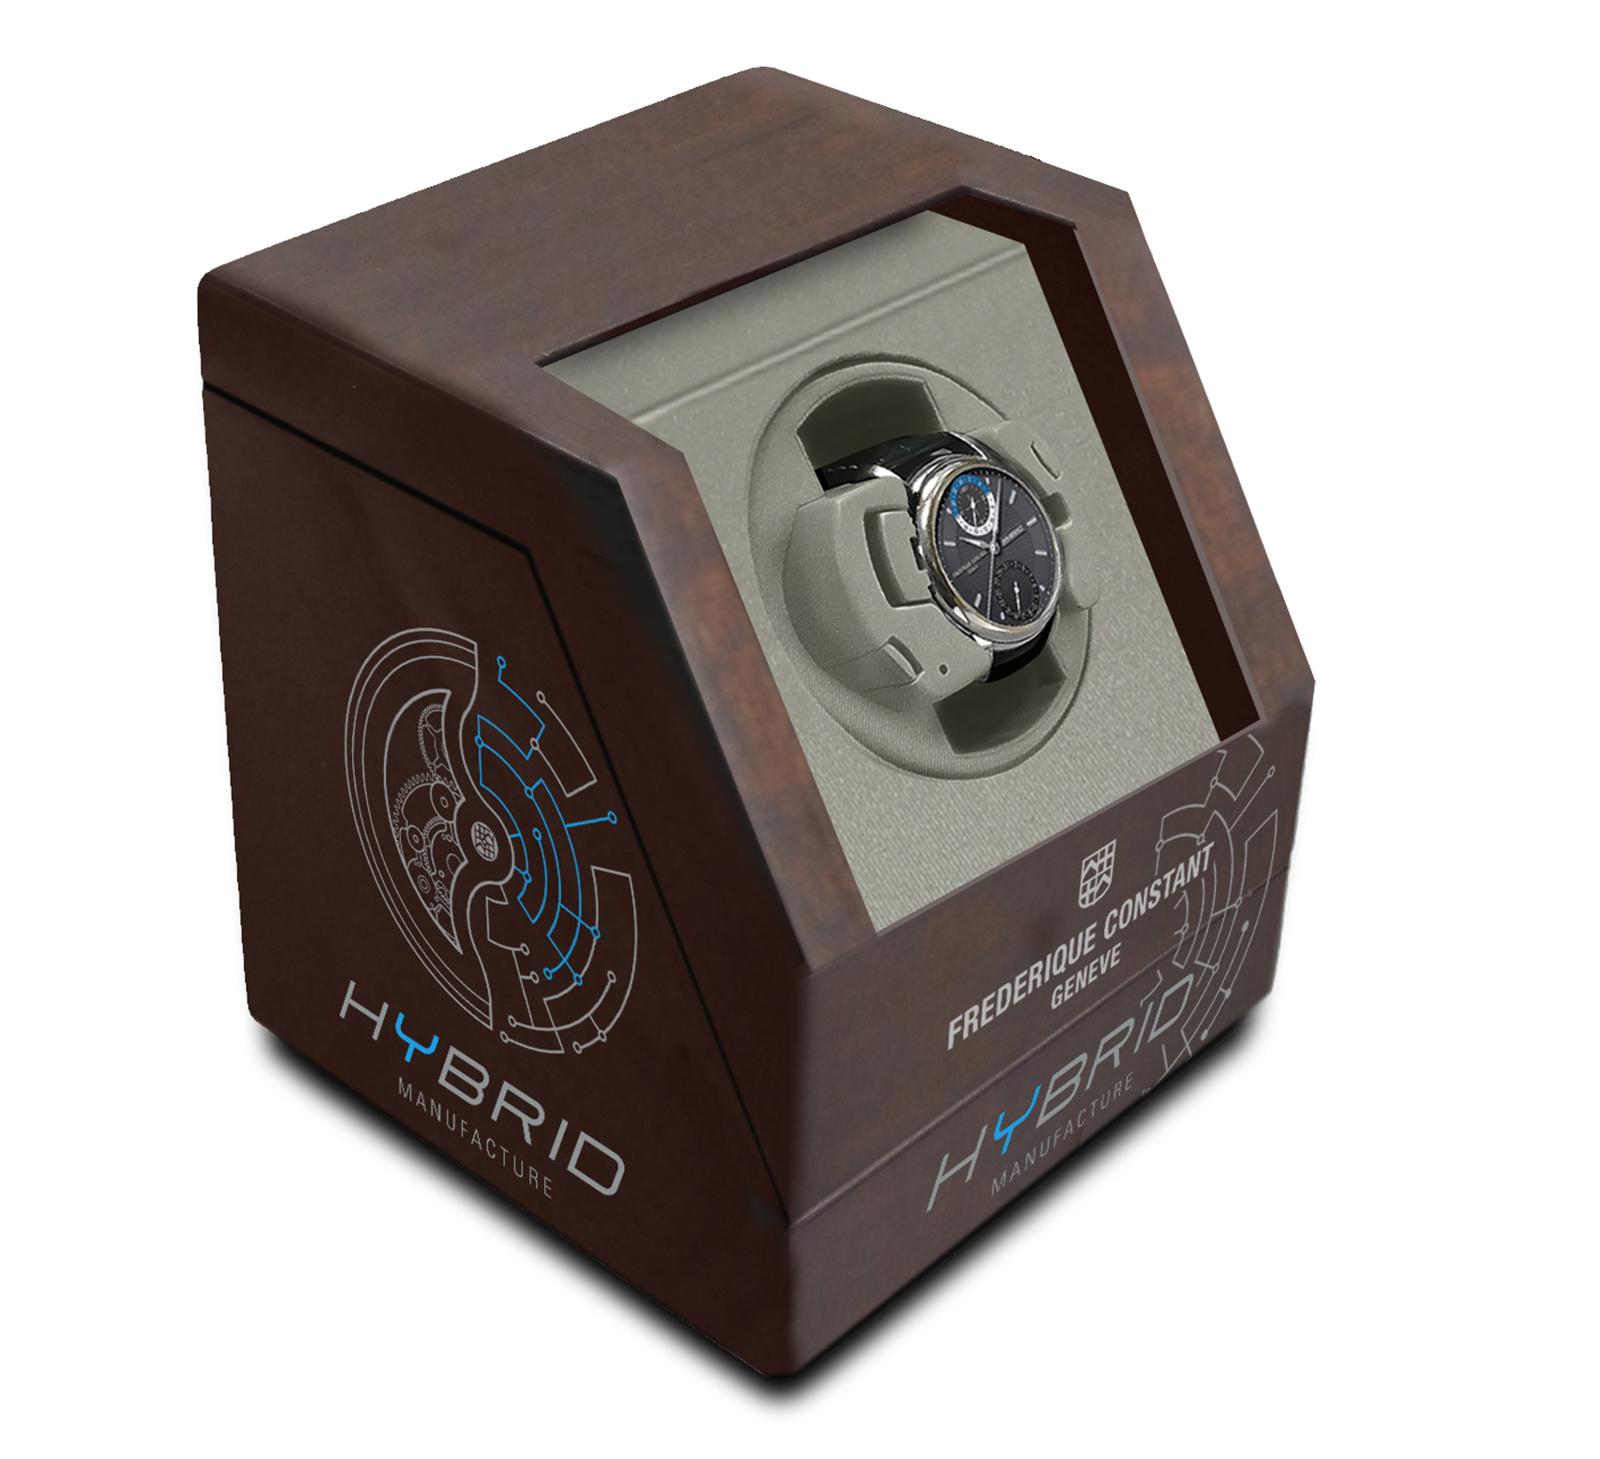 Frederique Constant Hybrid Manufacture 6